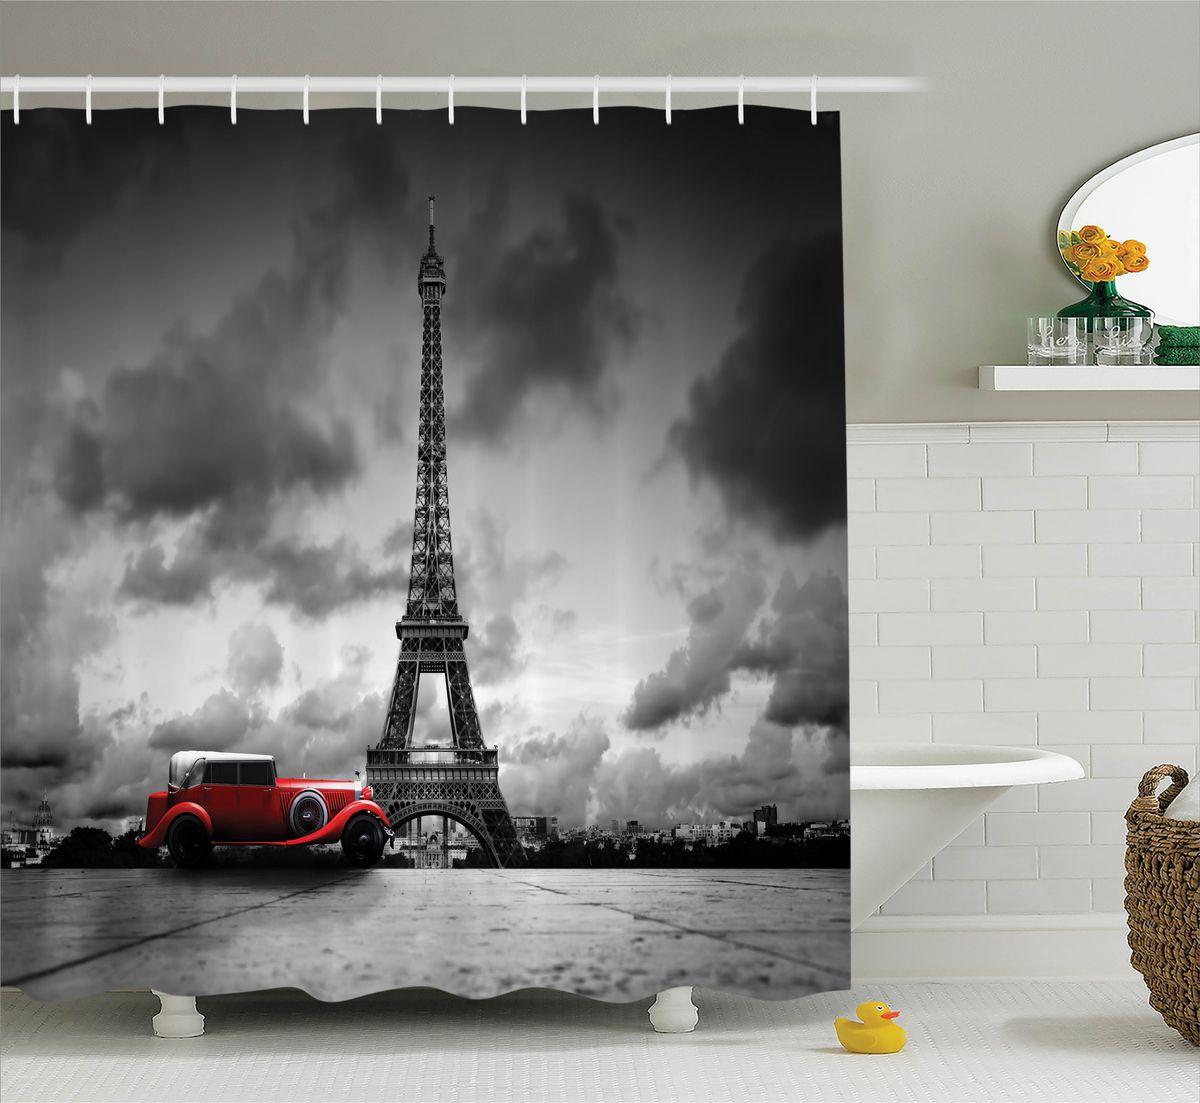 Штора для ванной комнаты Magic Lady Пасмурный день в Париже, 180 х 200 смшв_11322Штора Magic Lady Пасмурный день в Париже, изготовленная из высококачественного сатена (полиэстер 100%), отлично дополнит любой интерьер ванной комнаты. При изготовлении используются специальные гипоаллергенные чернила для прямой печати по ткани, безопасные для человека. В комплекте: 1 штора, 12 крючков. Обращаем ваше внимание, фактический цвет изделия может незначительно отличаться от представленного на фото.